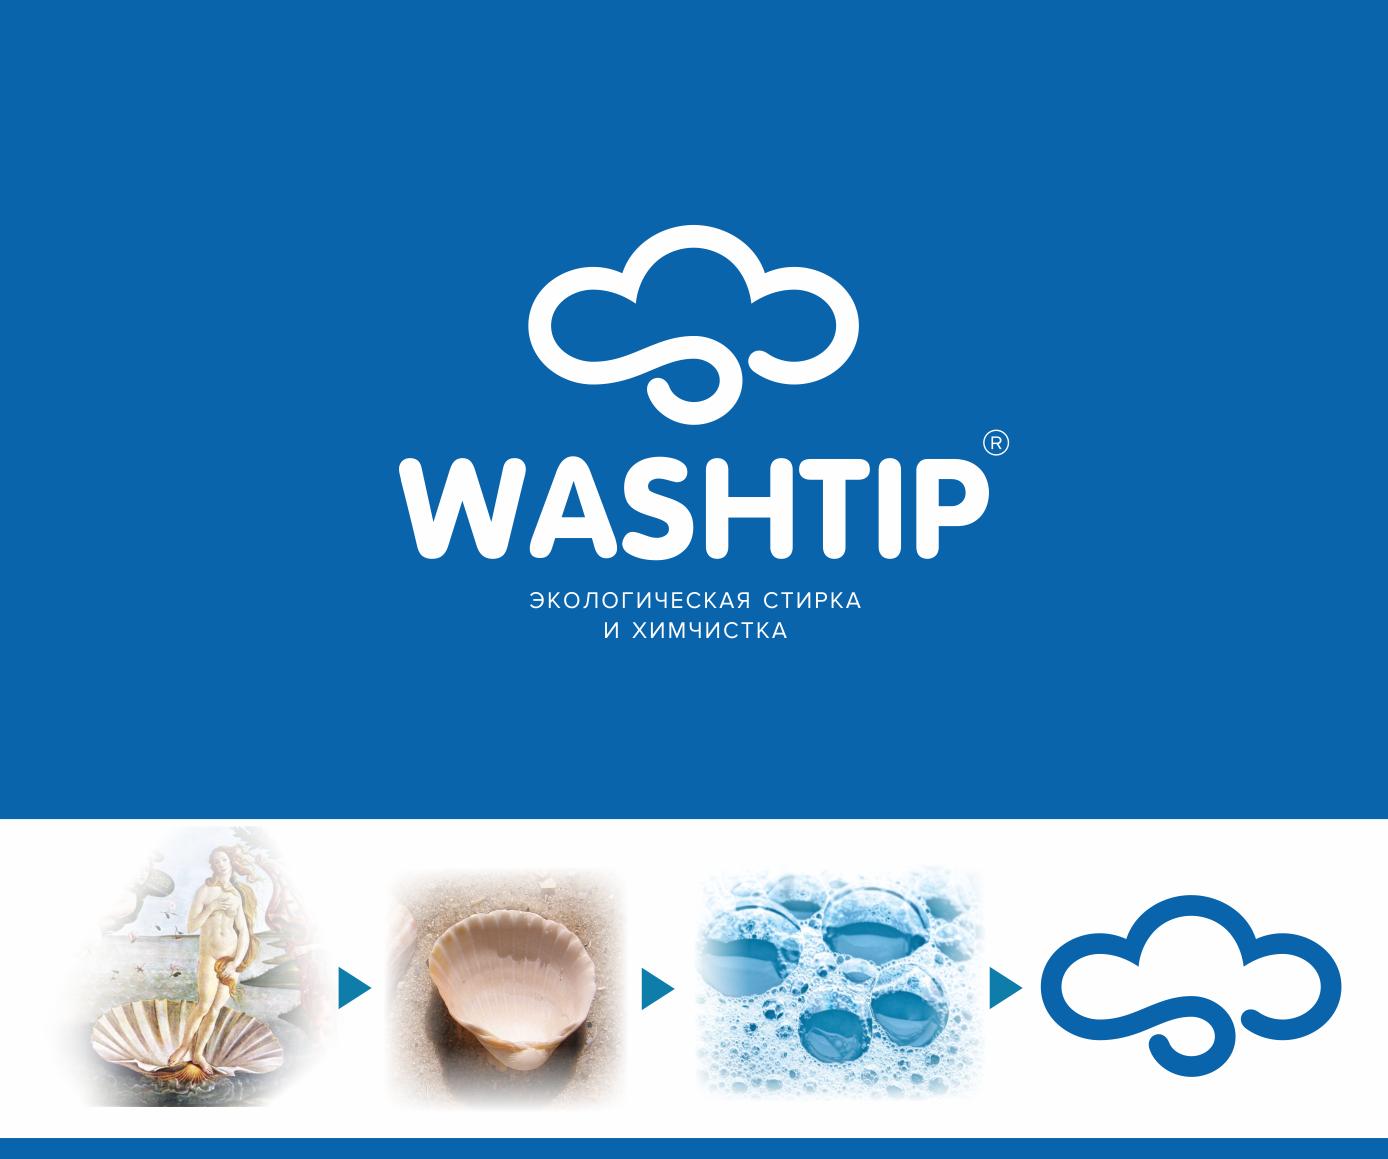 Разработка логотипа для онлайн-сервиса химчистки фото f_8855c0b8fe864e7a.png